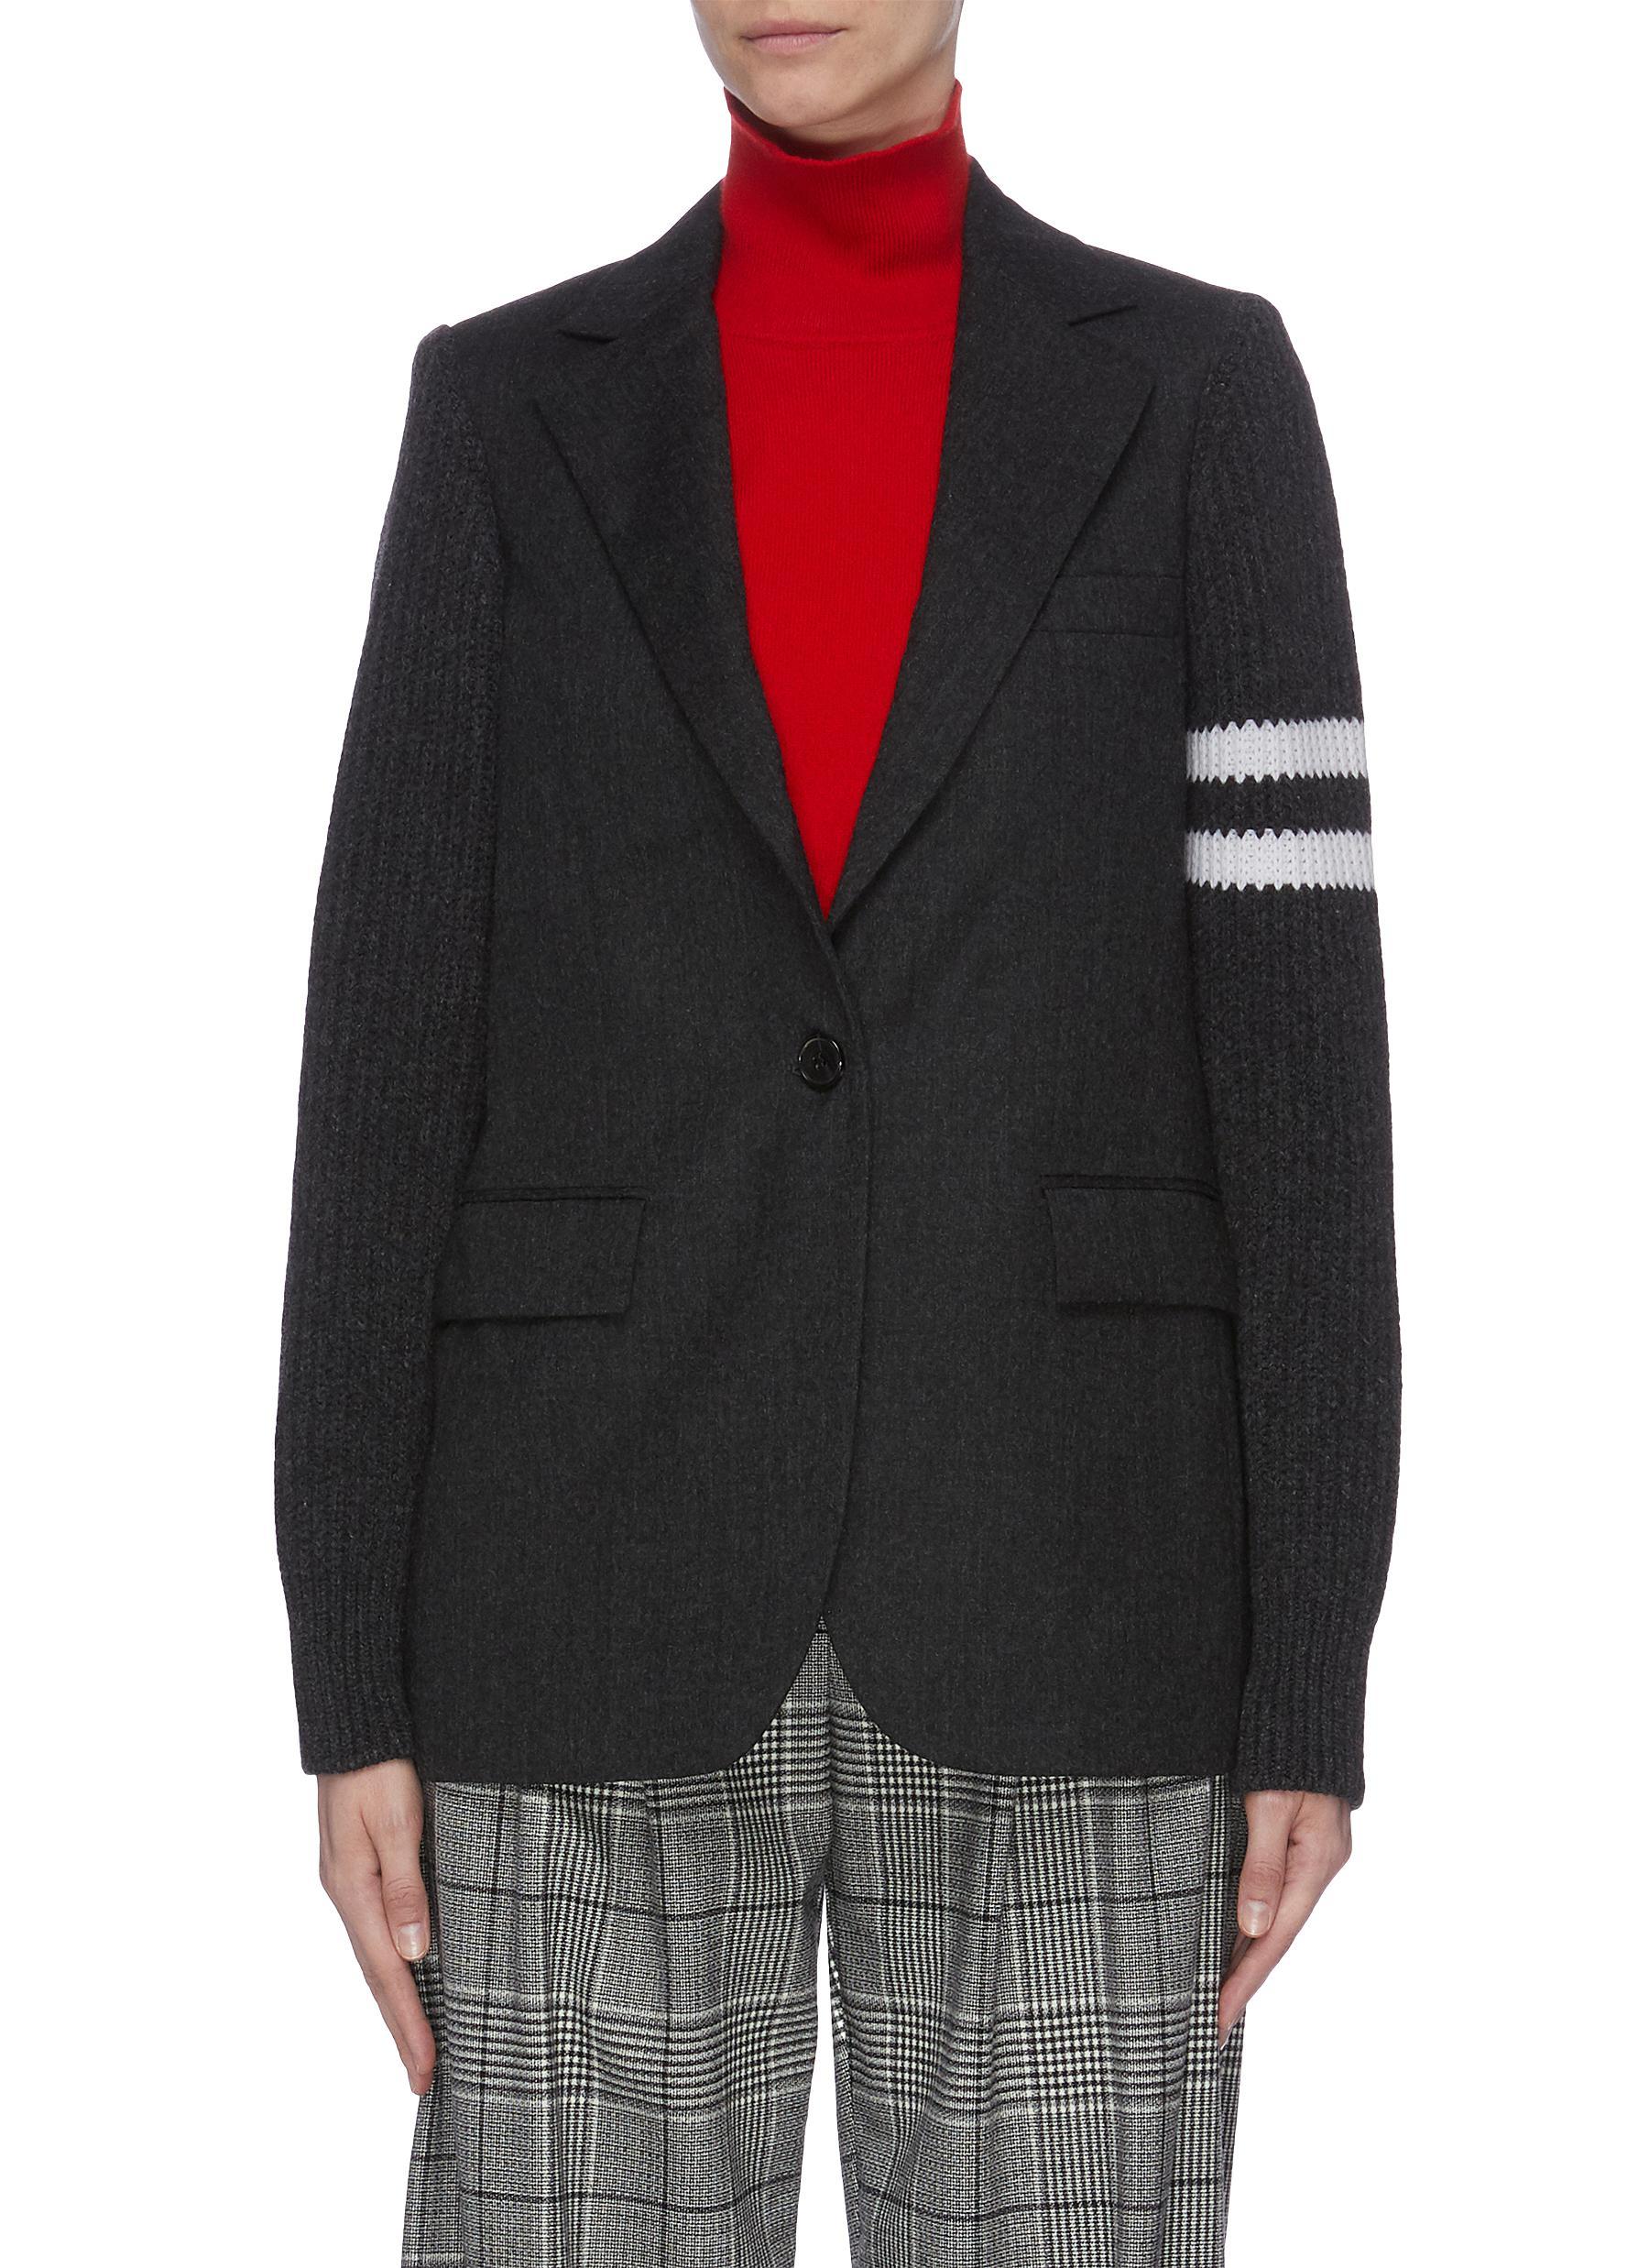 Stripe knit sleeve double breasted blazer by Mrz